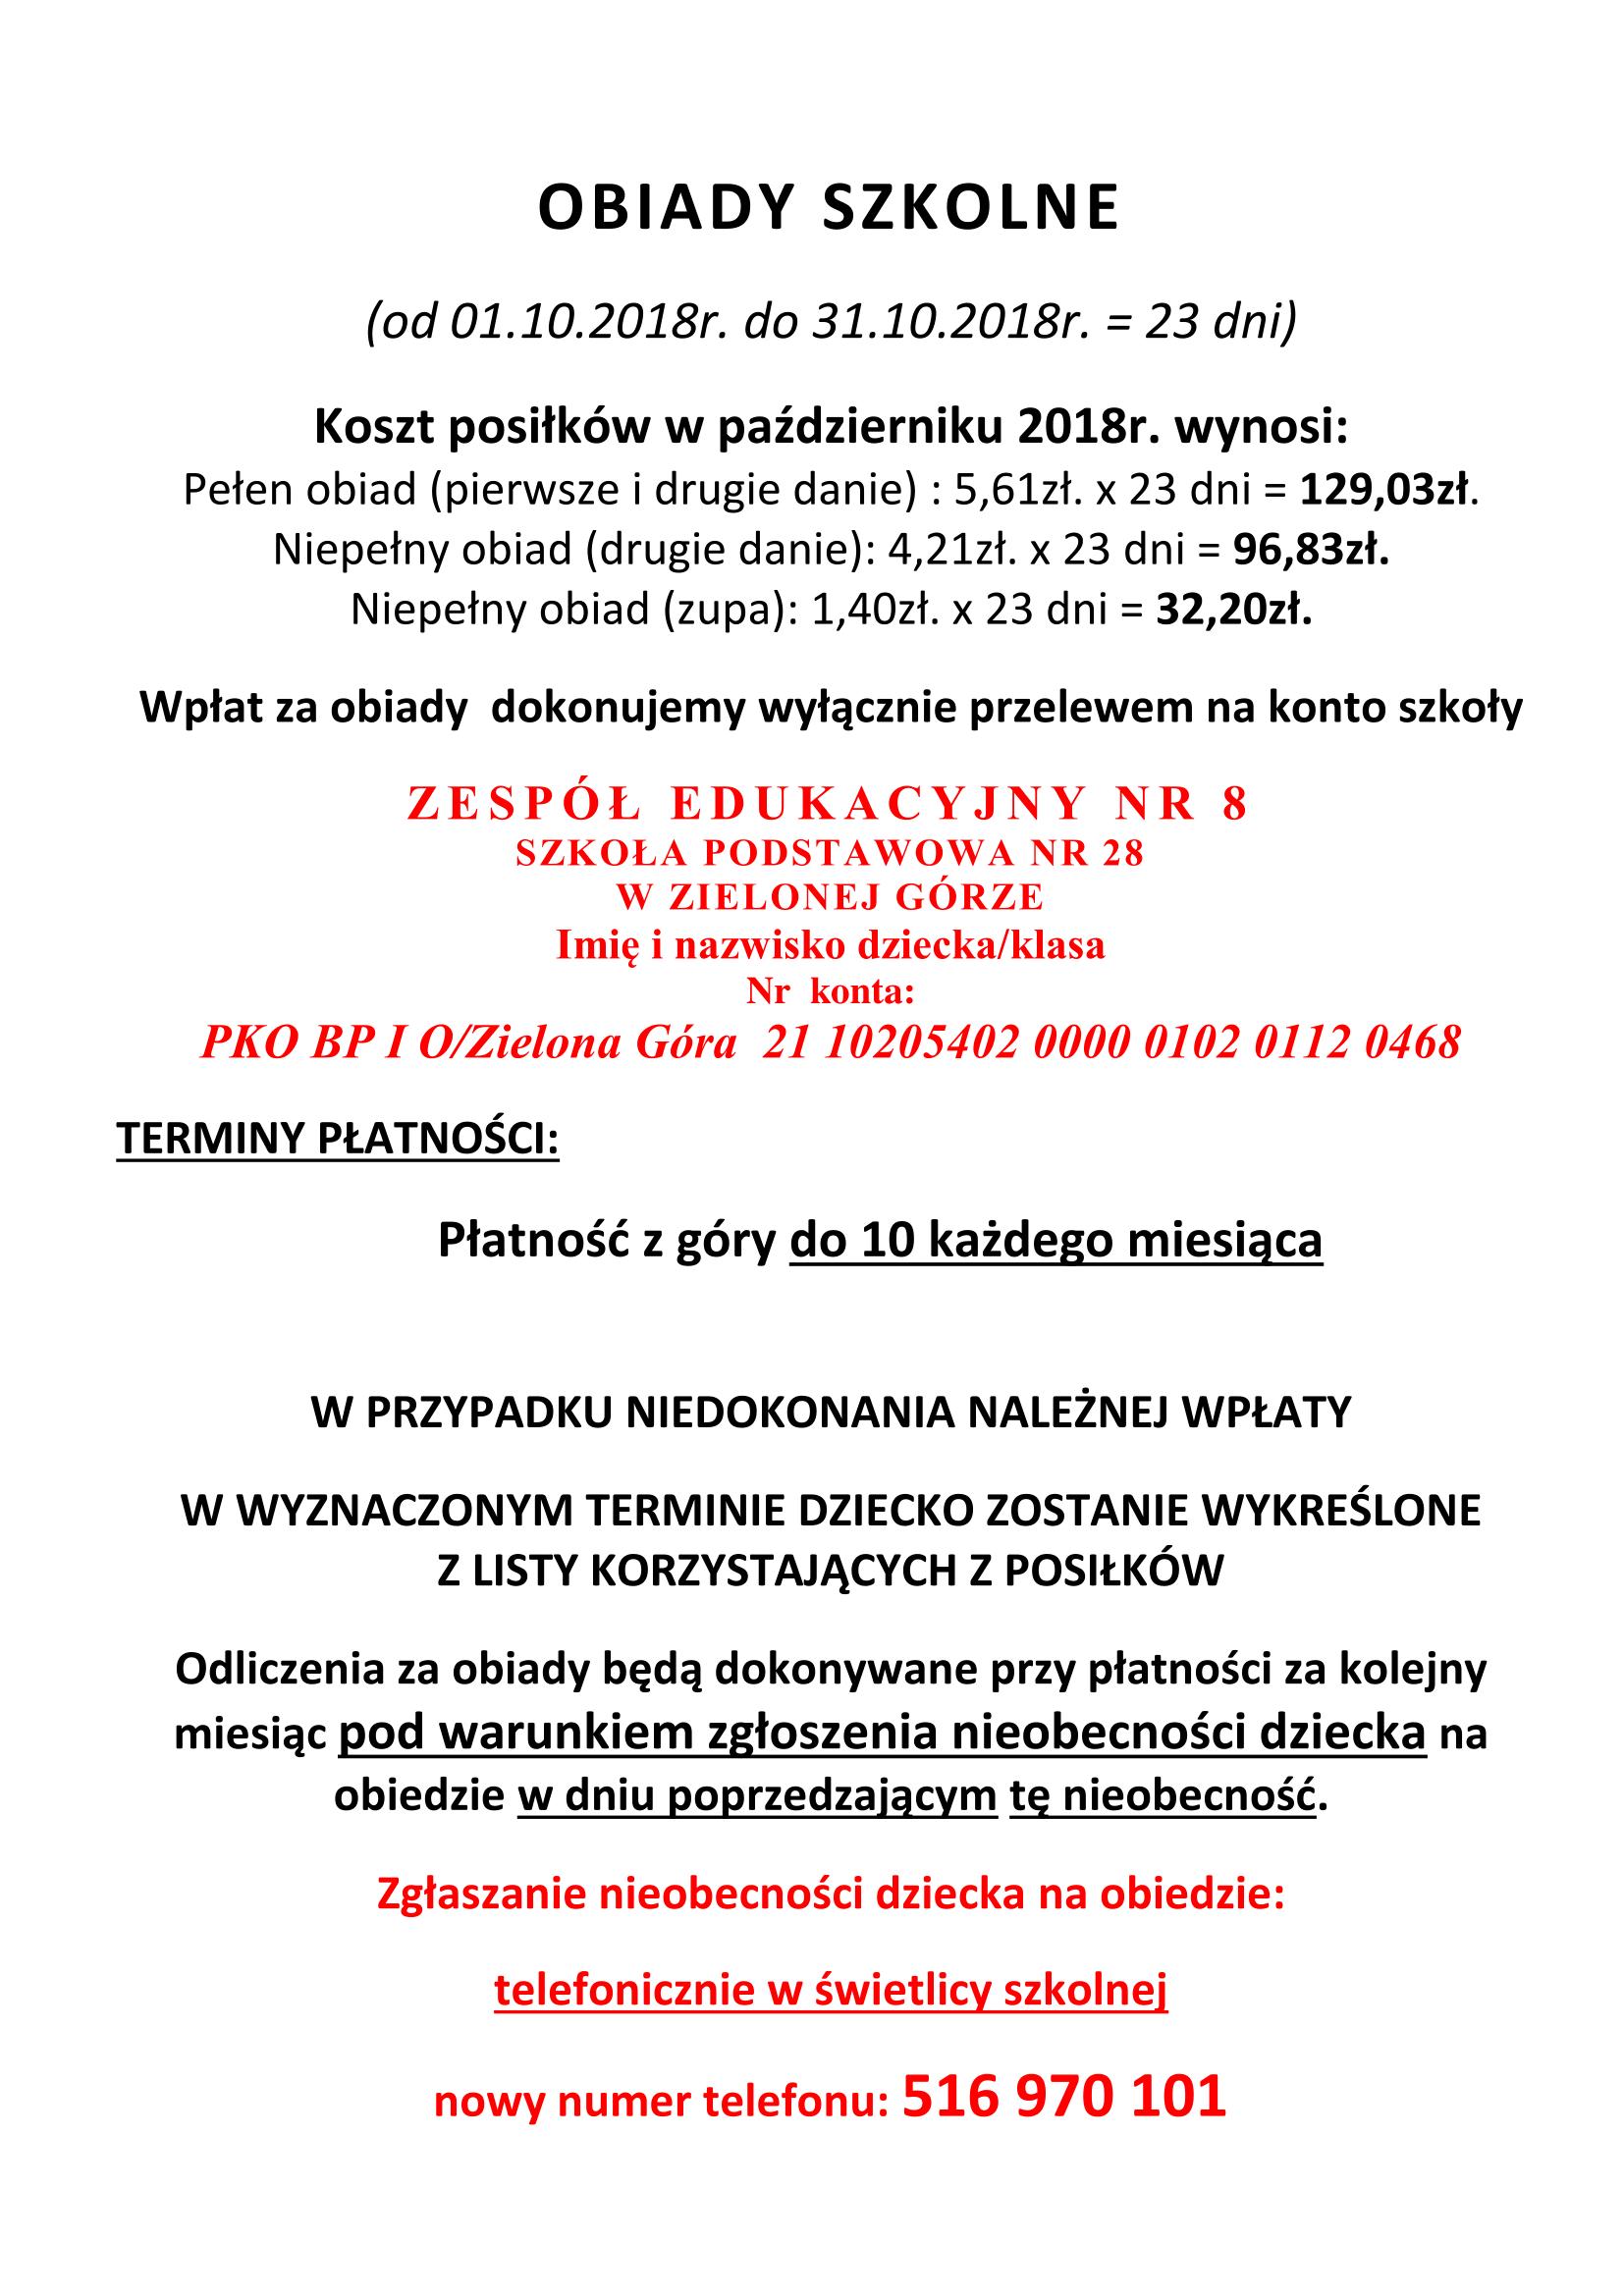 OBIADY SZKOLNE październik 2018-1